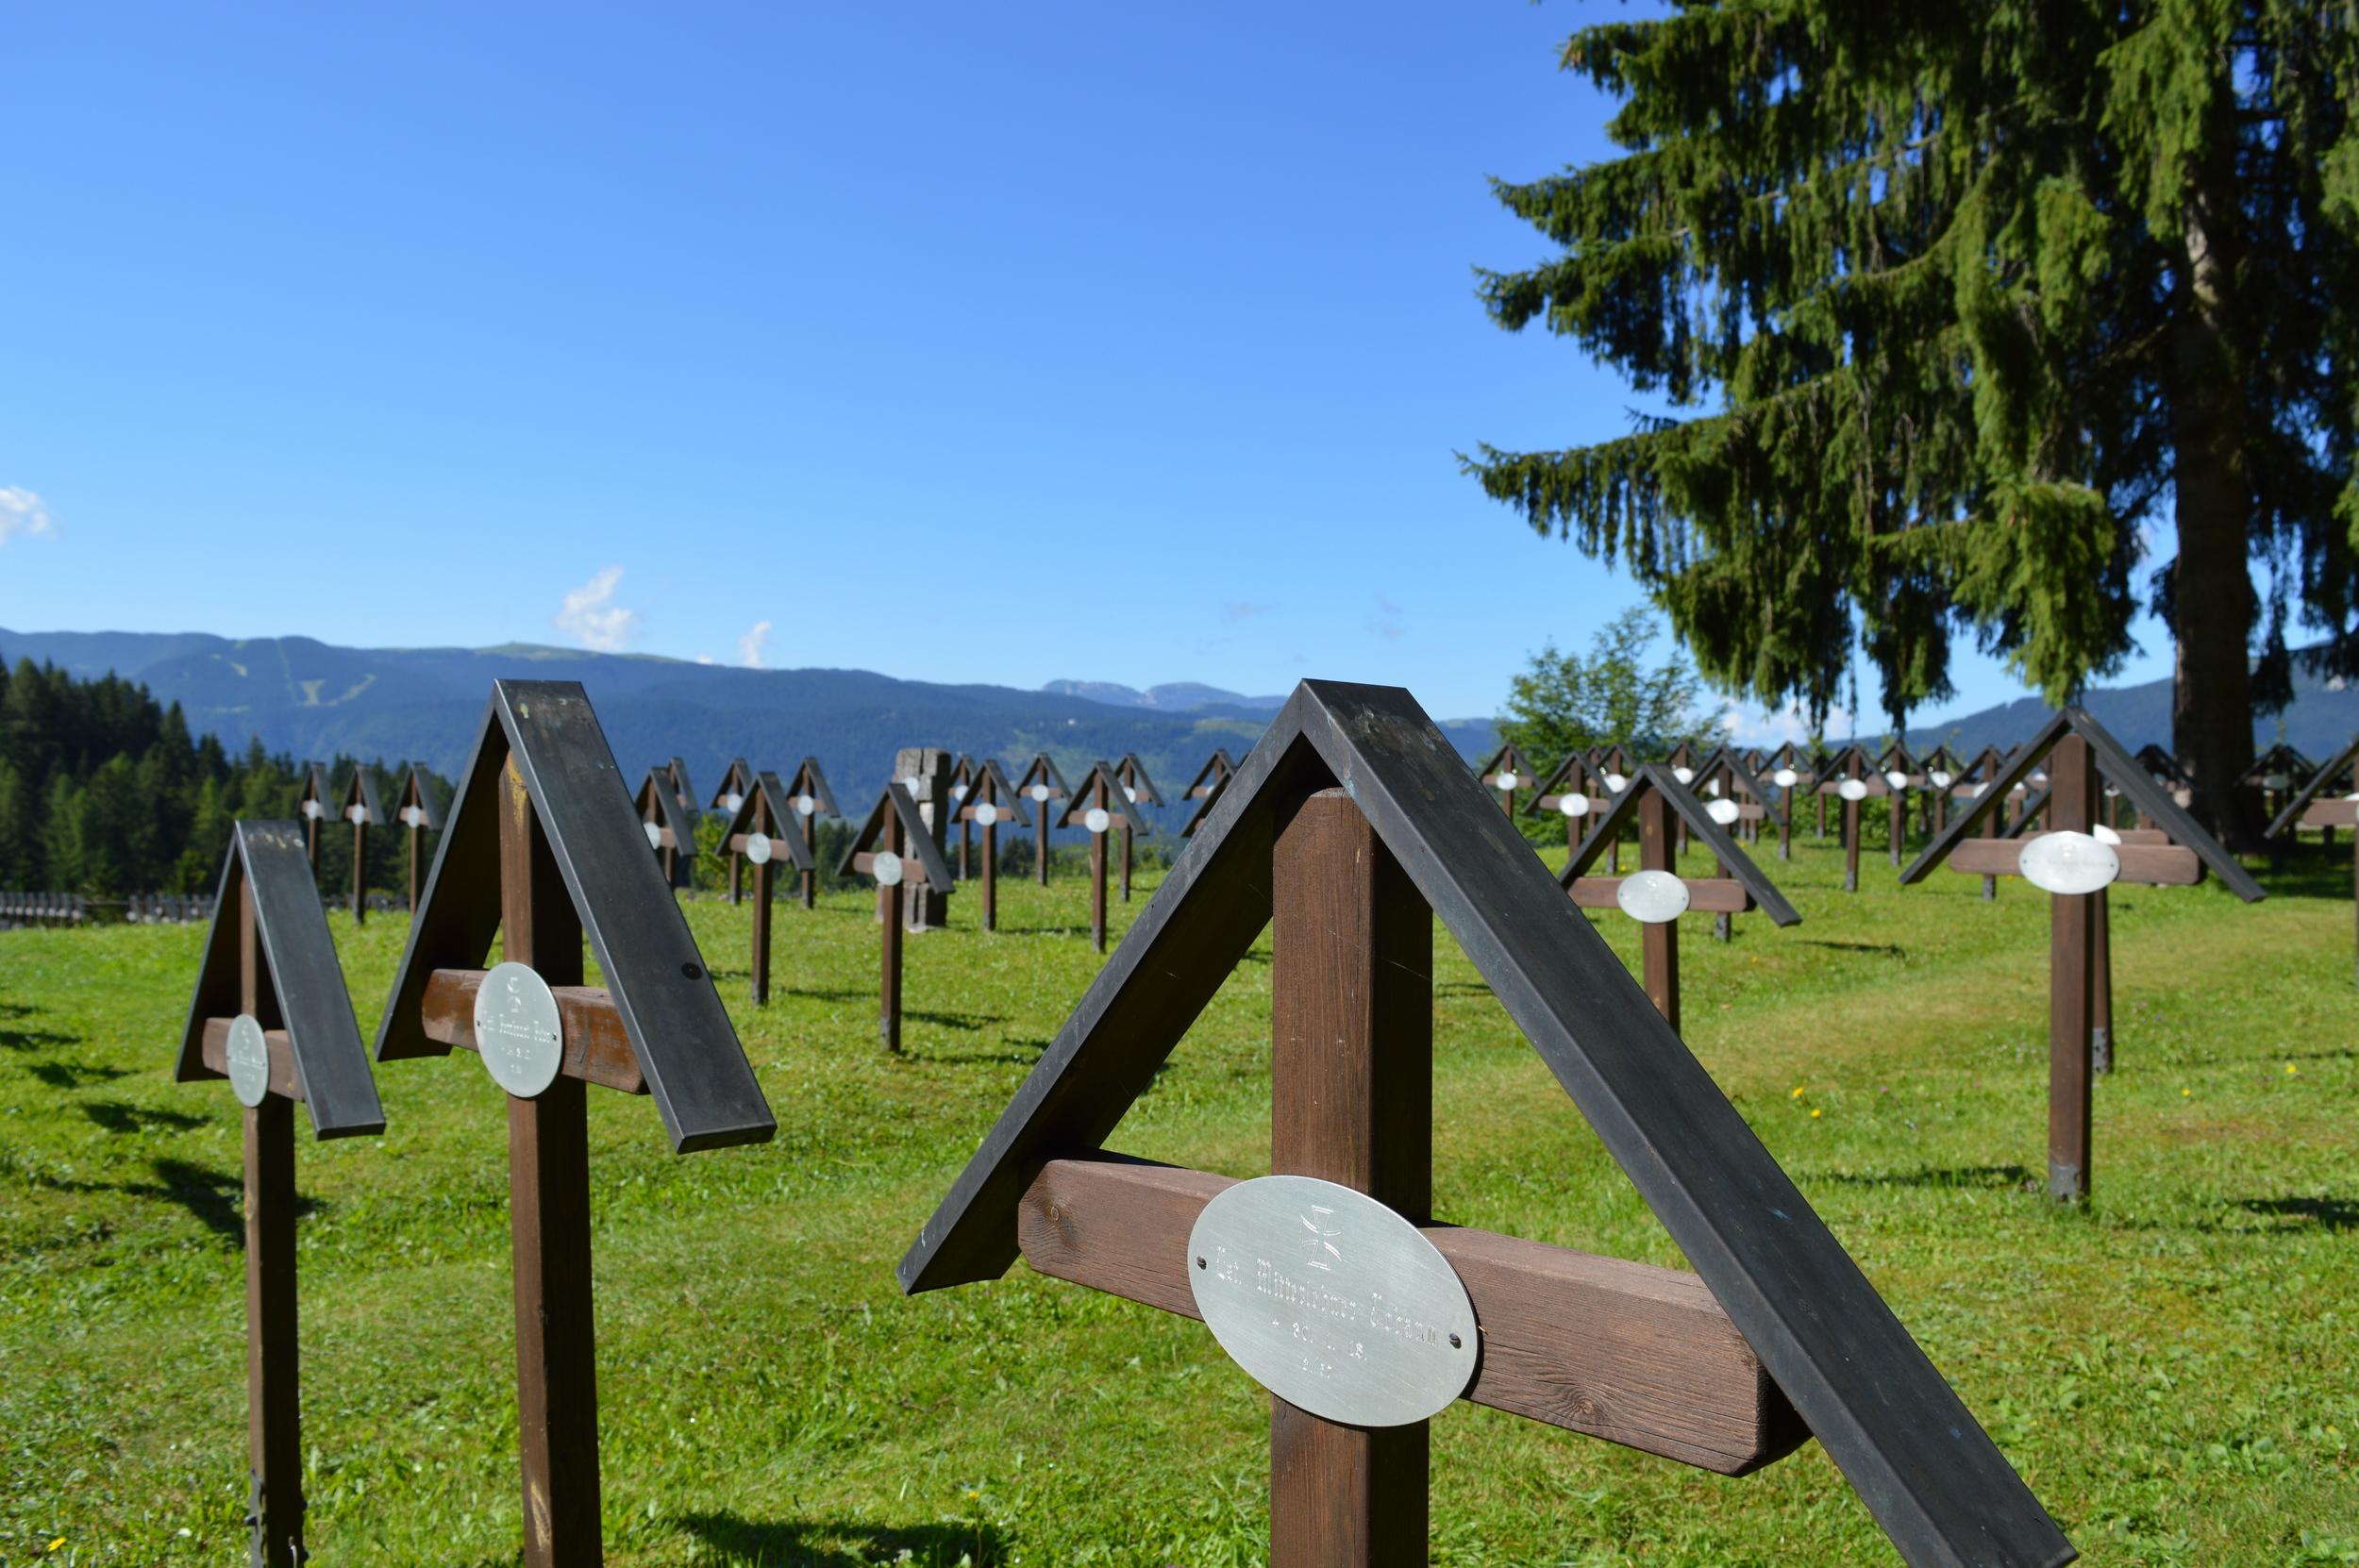 Il Cimitero Militare Austroungarico di Slaghenaufi - Altopiano di Folgaria e Lavarone